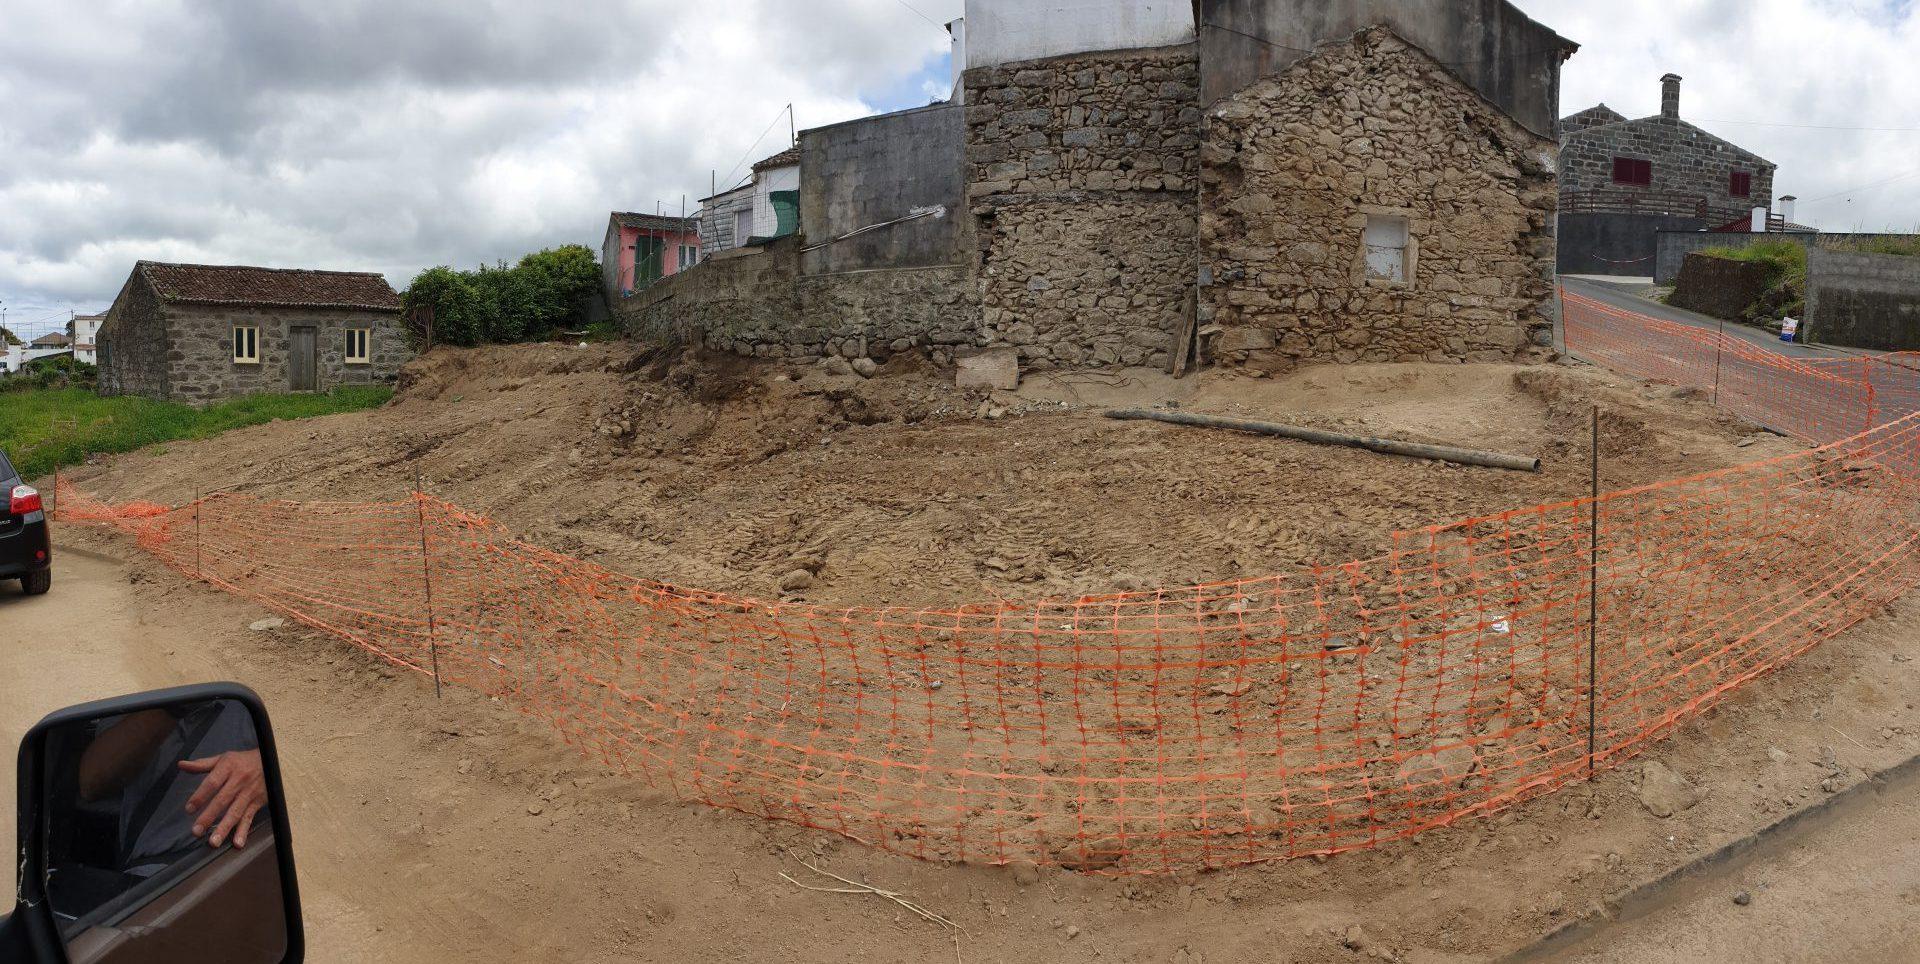 Execução de parque de estacionamento na Rua de Santana - Rua do Valverde - Feteira Pequena (2)